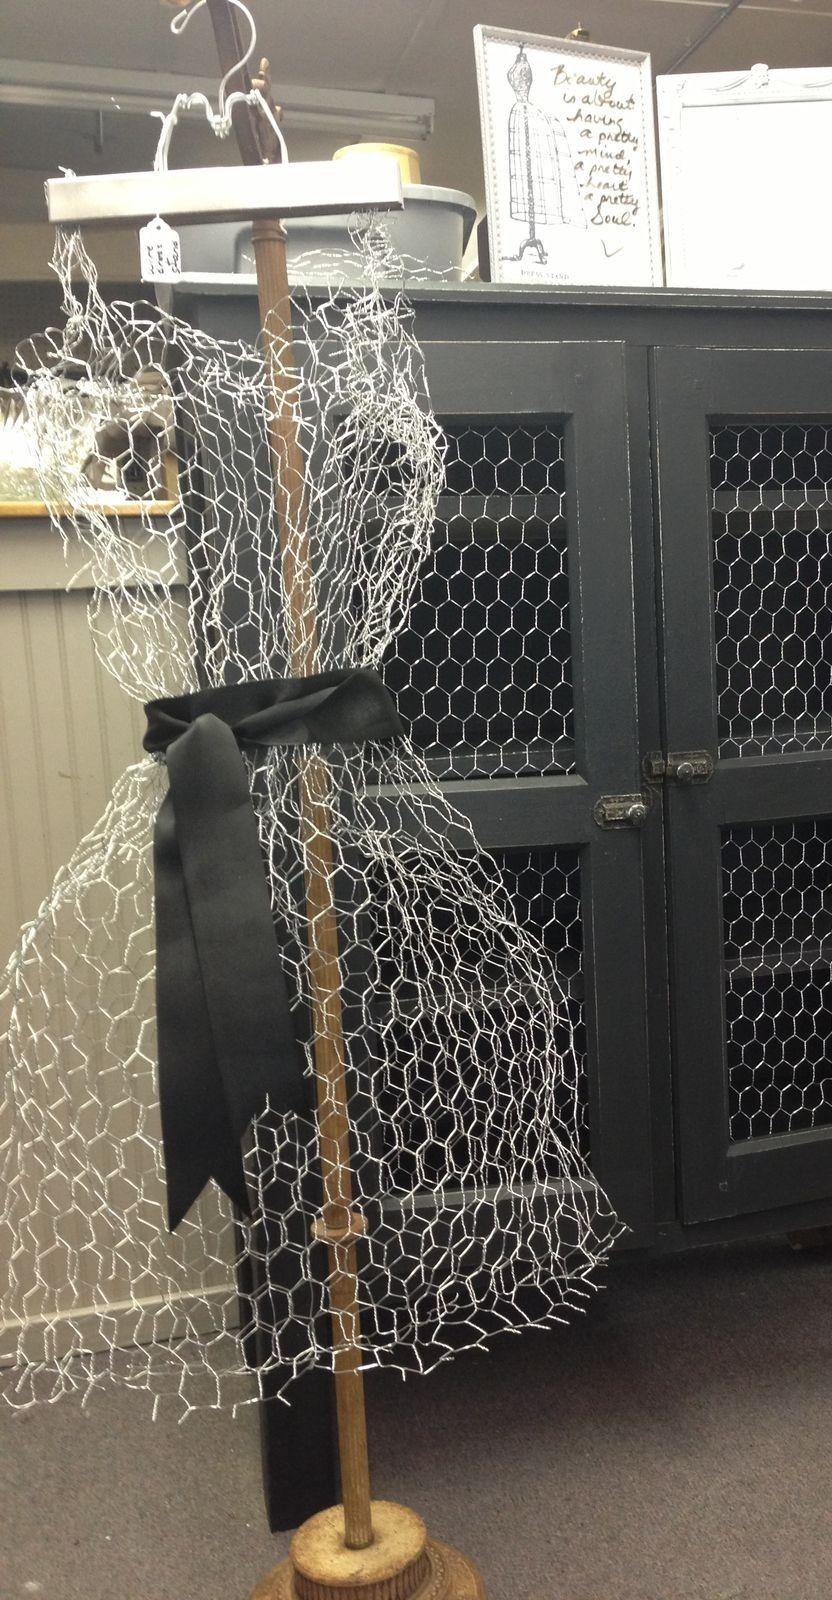 Chicken wire dress. https://www.facebook.com/jodiecurtaincall ...